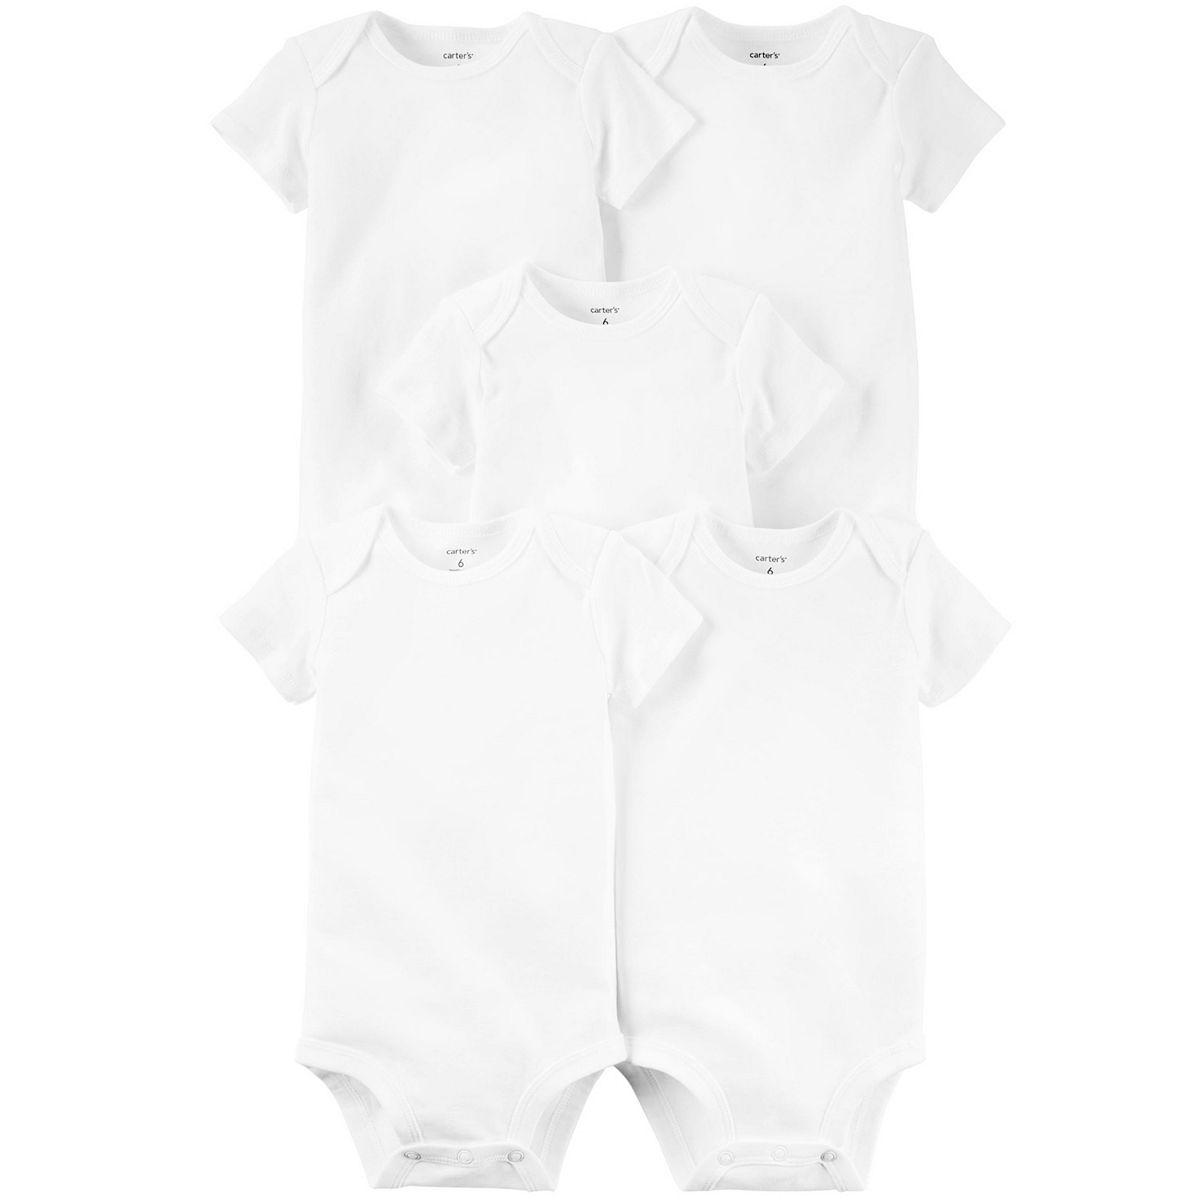 Carter's Plain white baby onesies